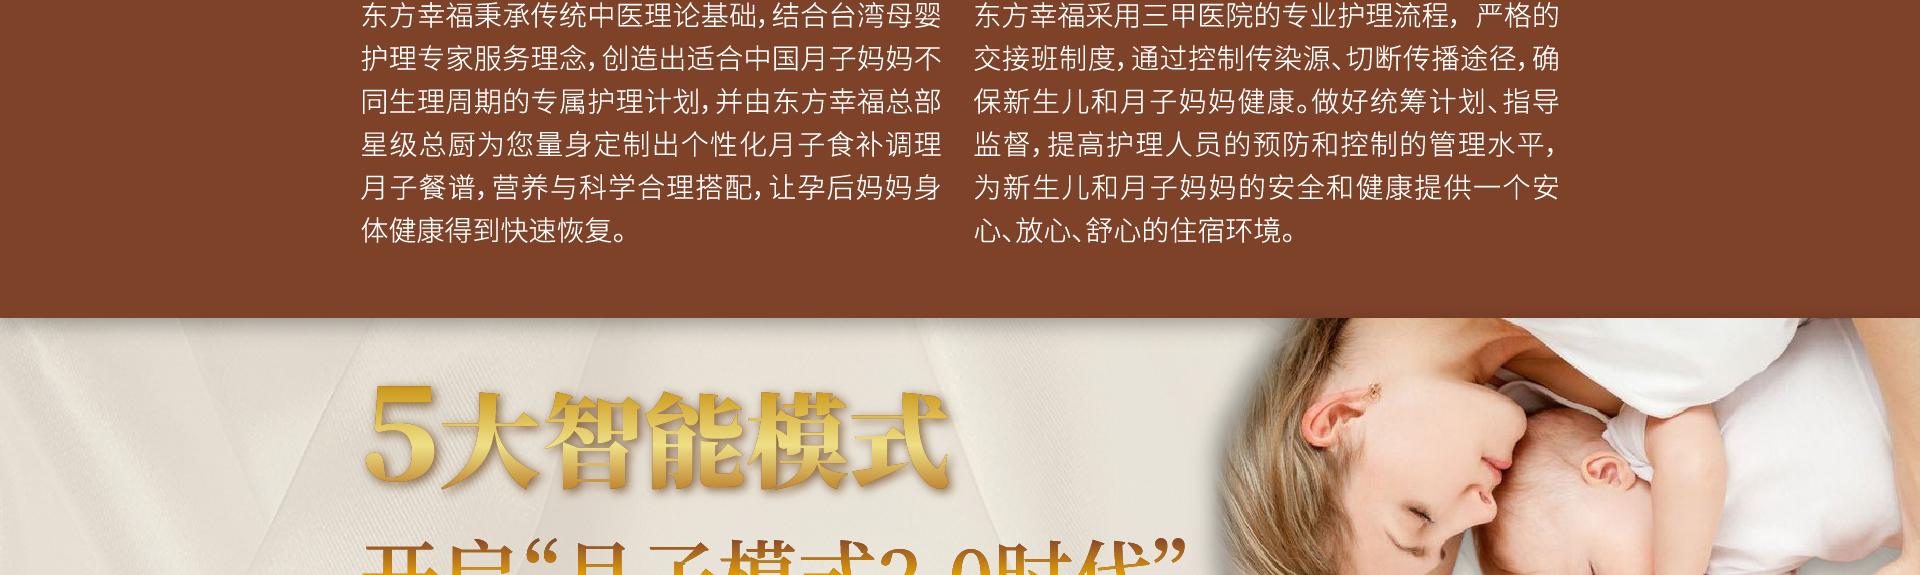 东方幸福月子会所PC_11